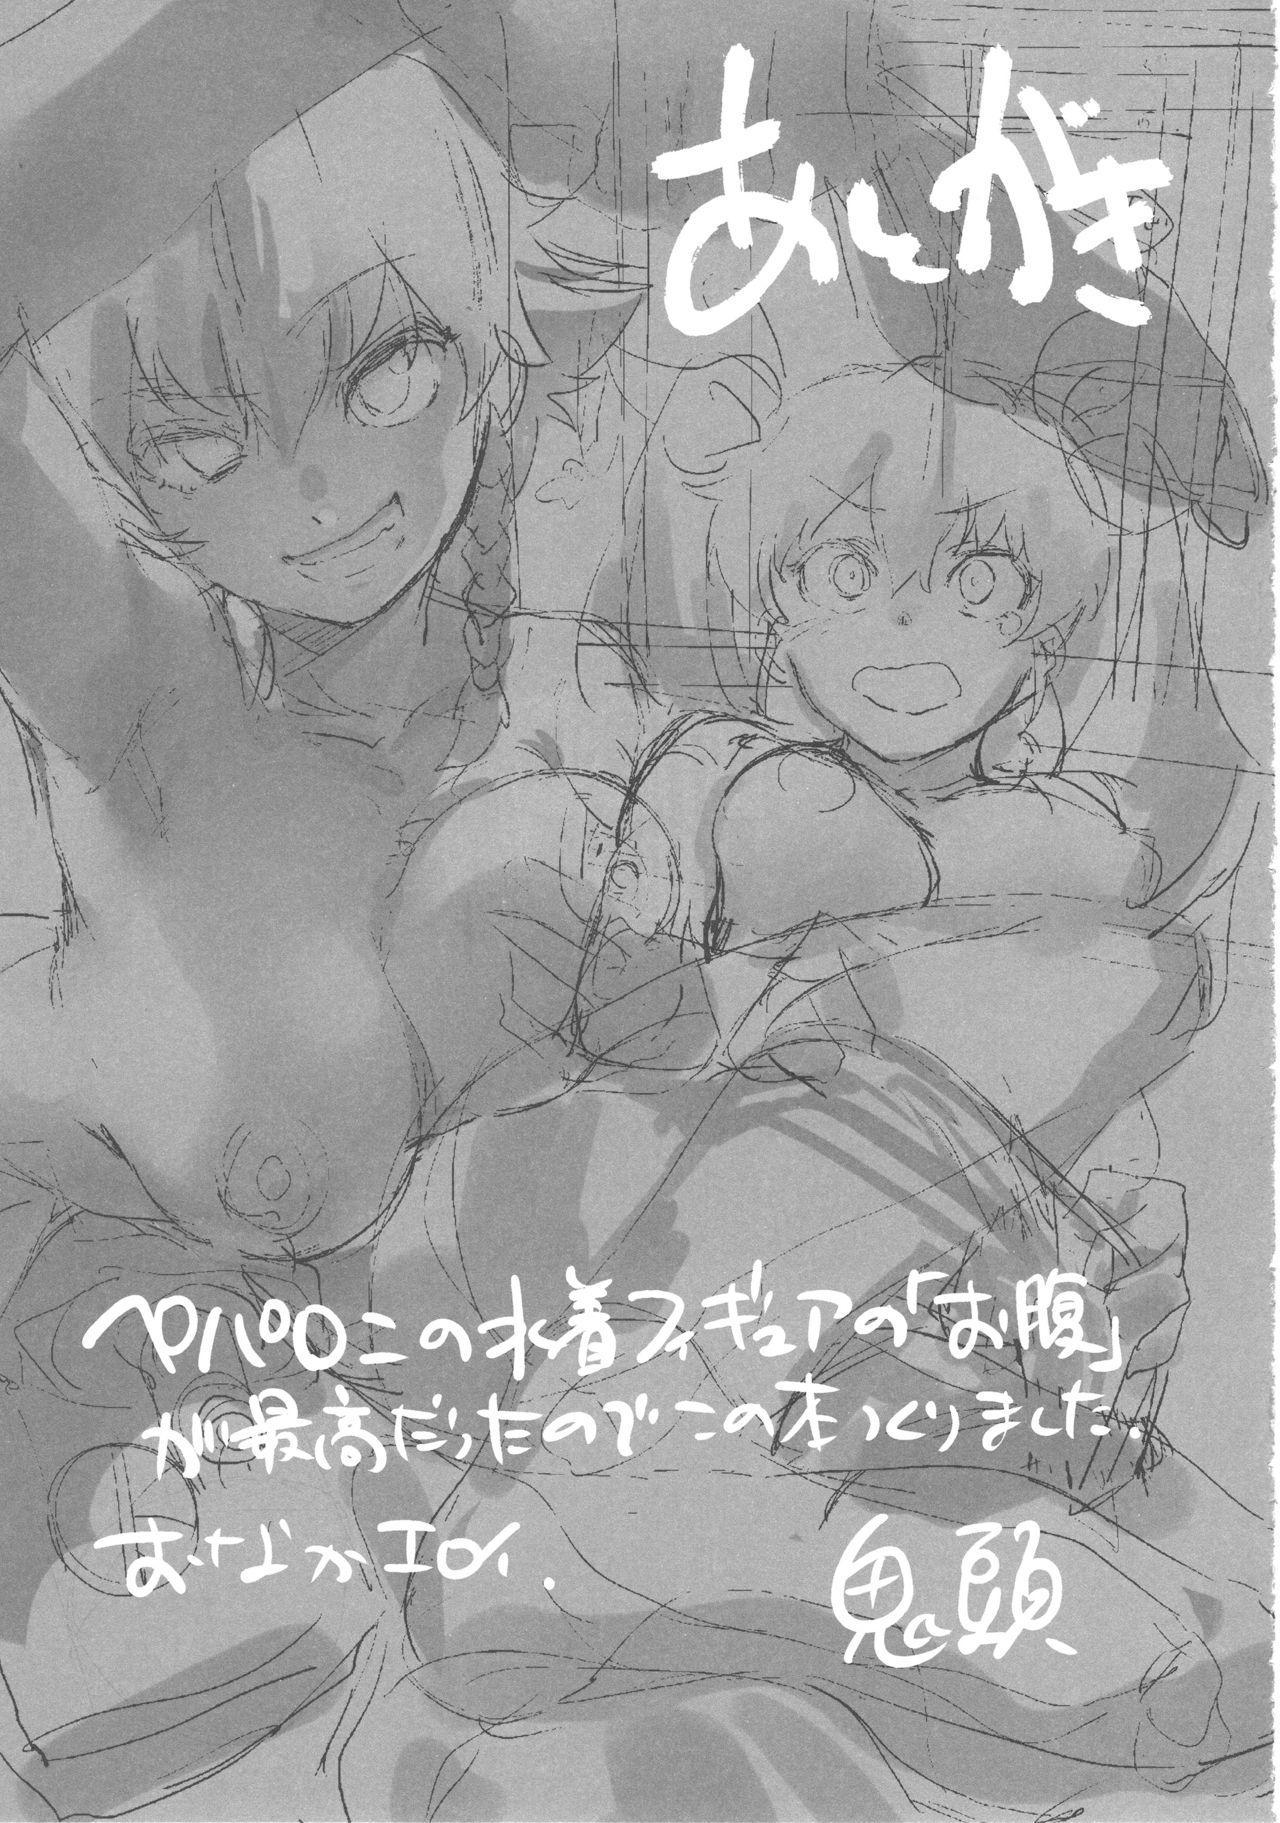 (COMIC1☆13) [Camrism (Kito Sakeru)] Anchovy Nee-san no Bouillon Panty Sakusen-ssu! (Girls und Panzer) 23